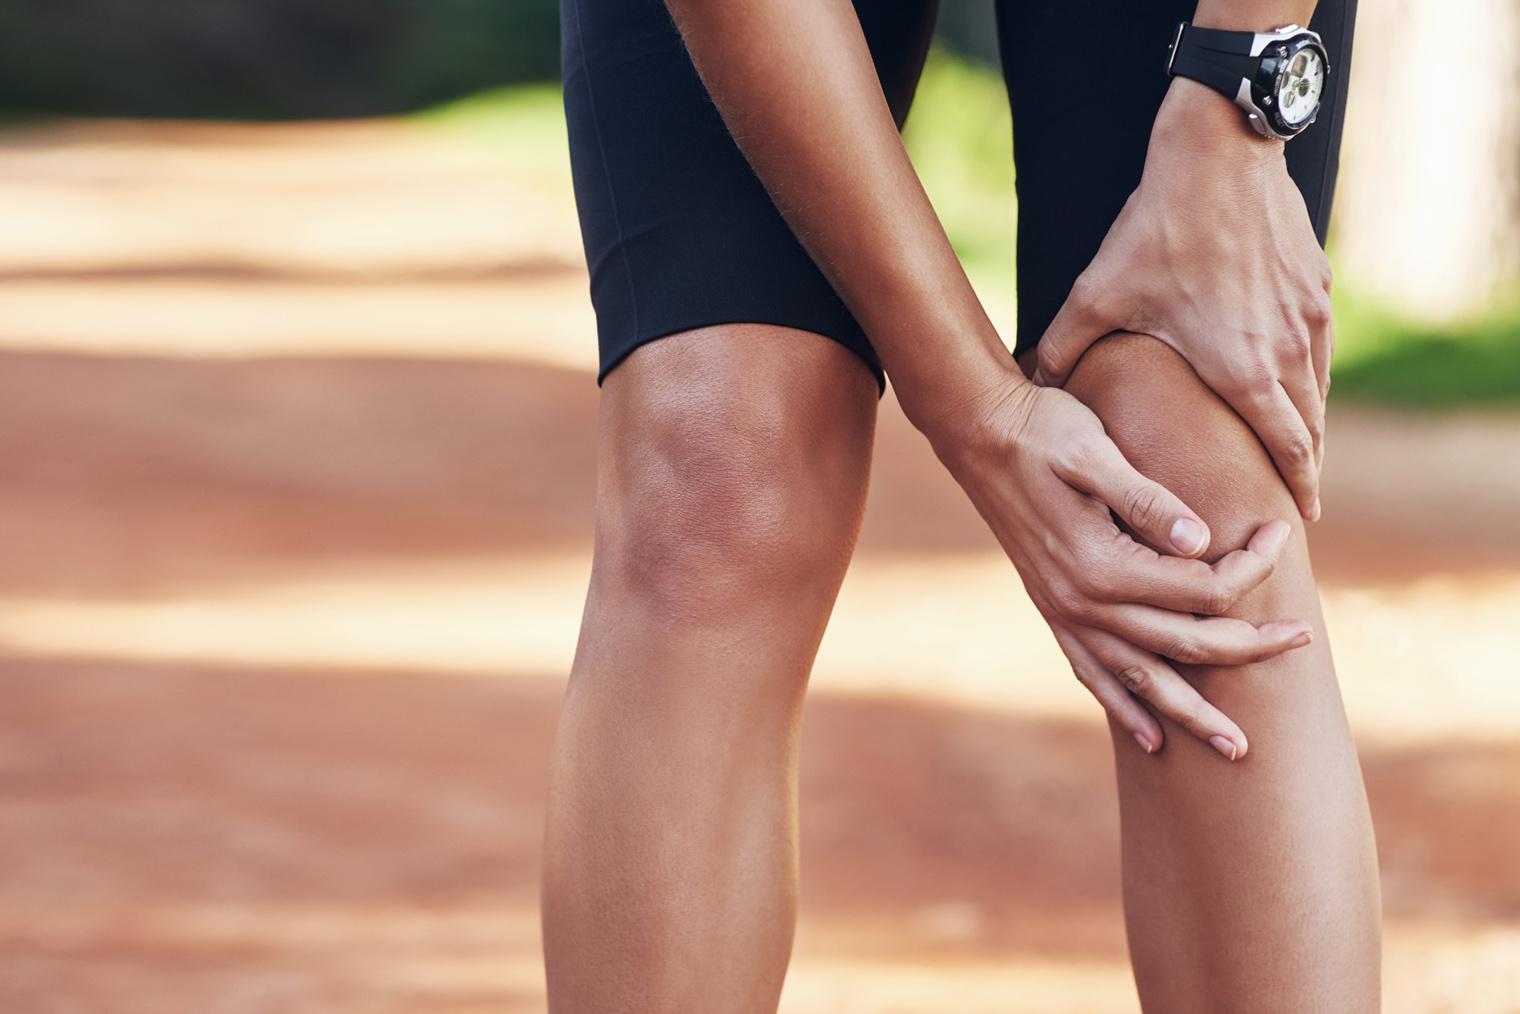 Rupture des ligaments croisés : traiter et prévenir